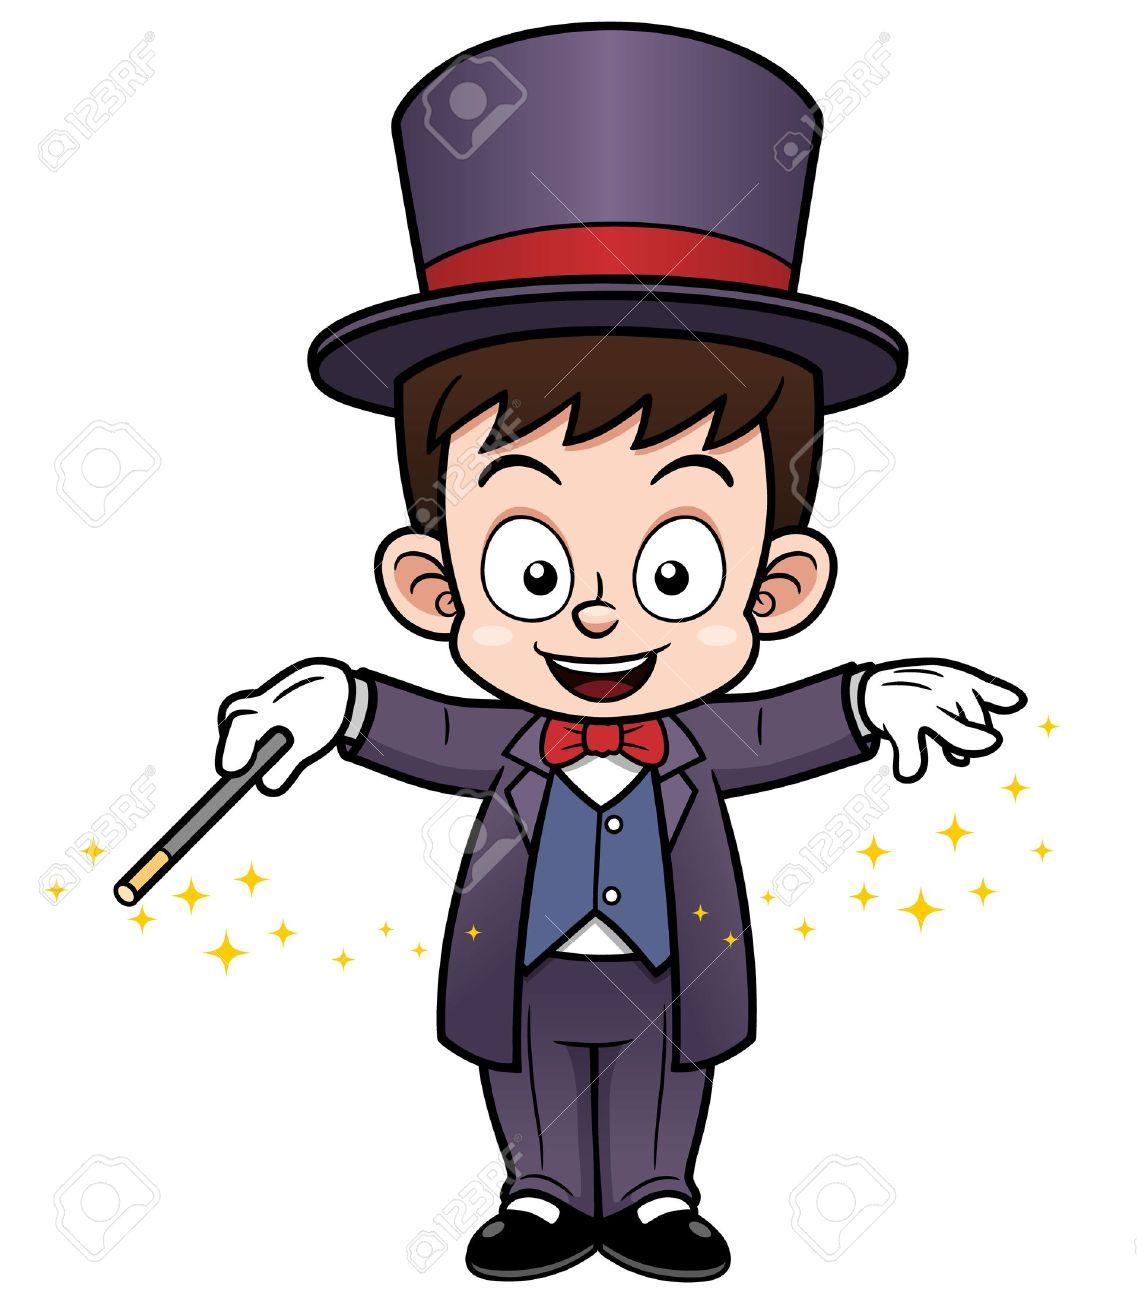 Cartoon magician clipart.